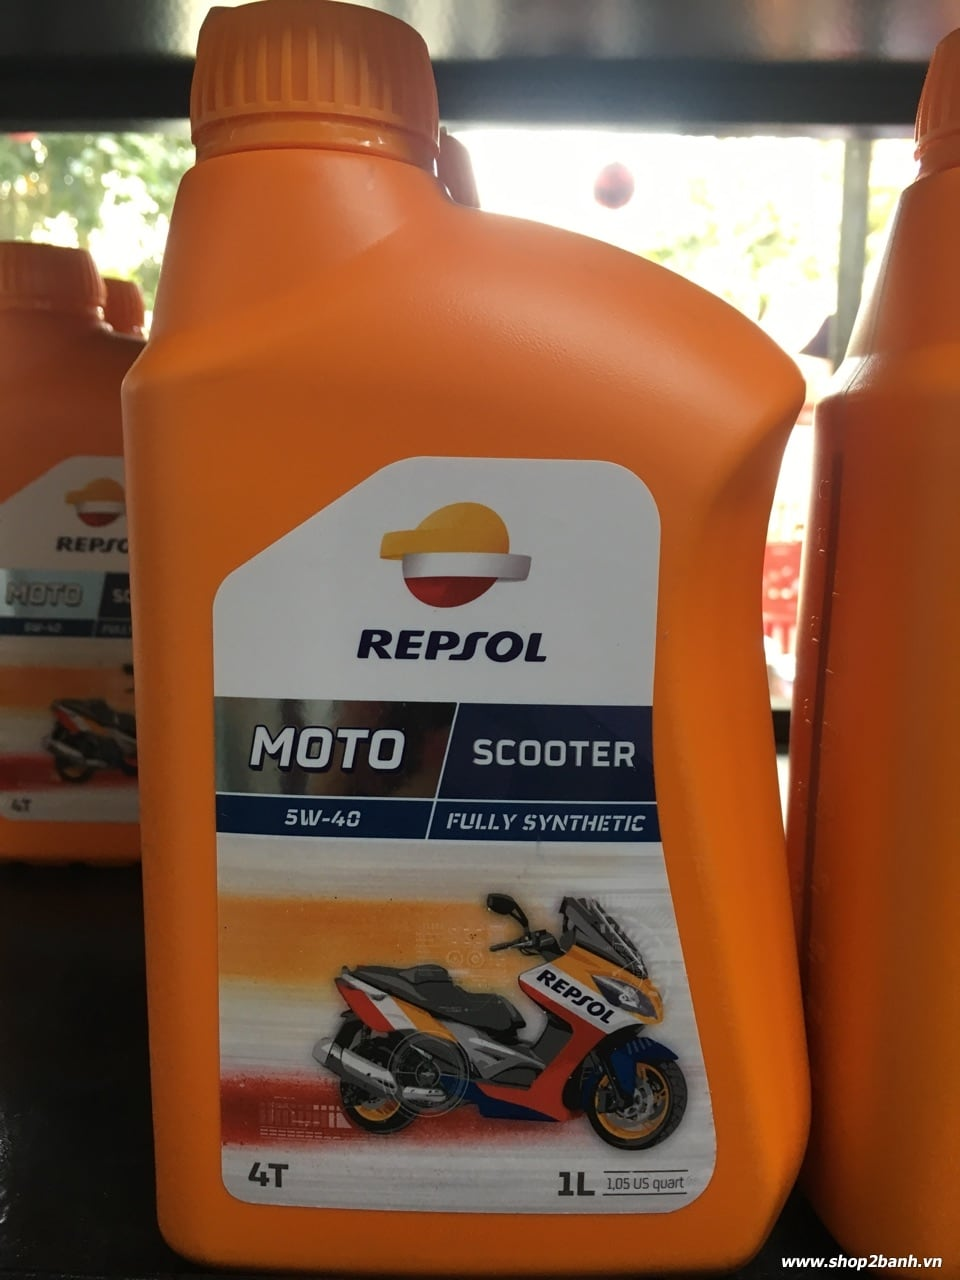 Repsol moto scooter 4t 5w40 - 2